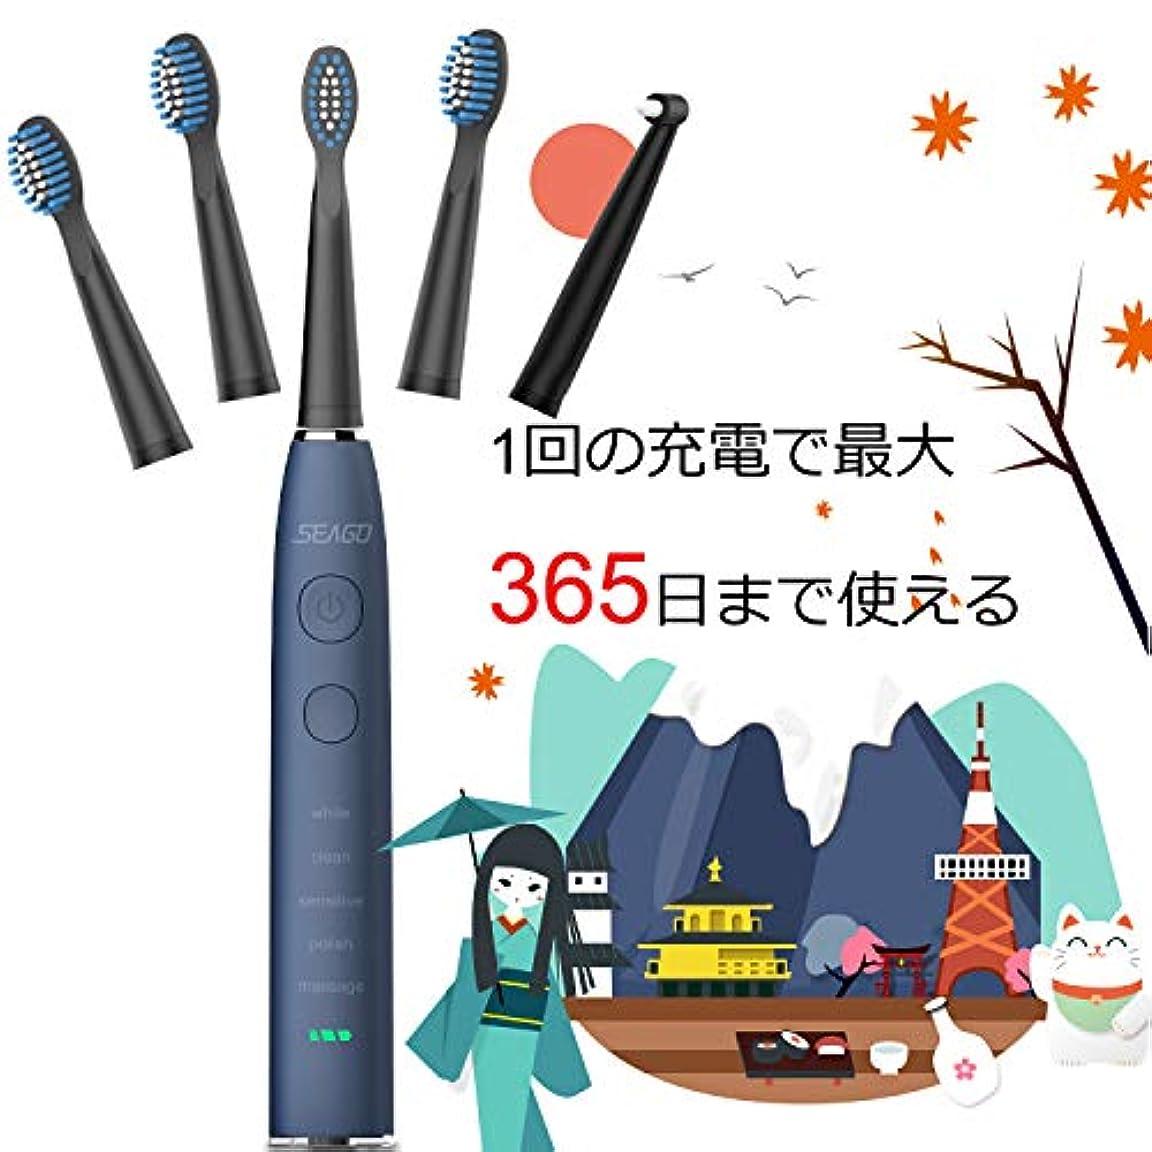 写真を撮るデータベース歴史的電動歯ブラシ 歯ブラシ seago 音波歯ブラシ USB充電式8時間 365日に使用 IPX7防水 五つモードと2分オートタイマー機能搭載 替えブラシ5本 12ヶ月メーカー保証 SG-575(ブルー)